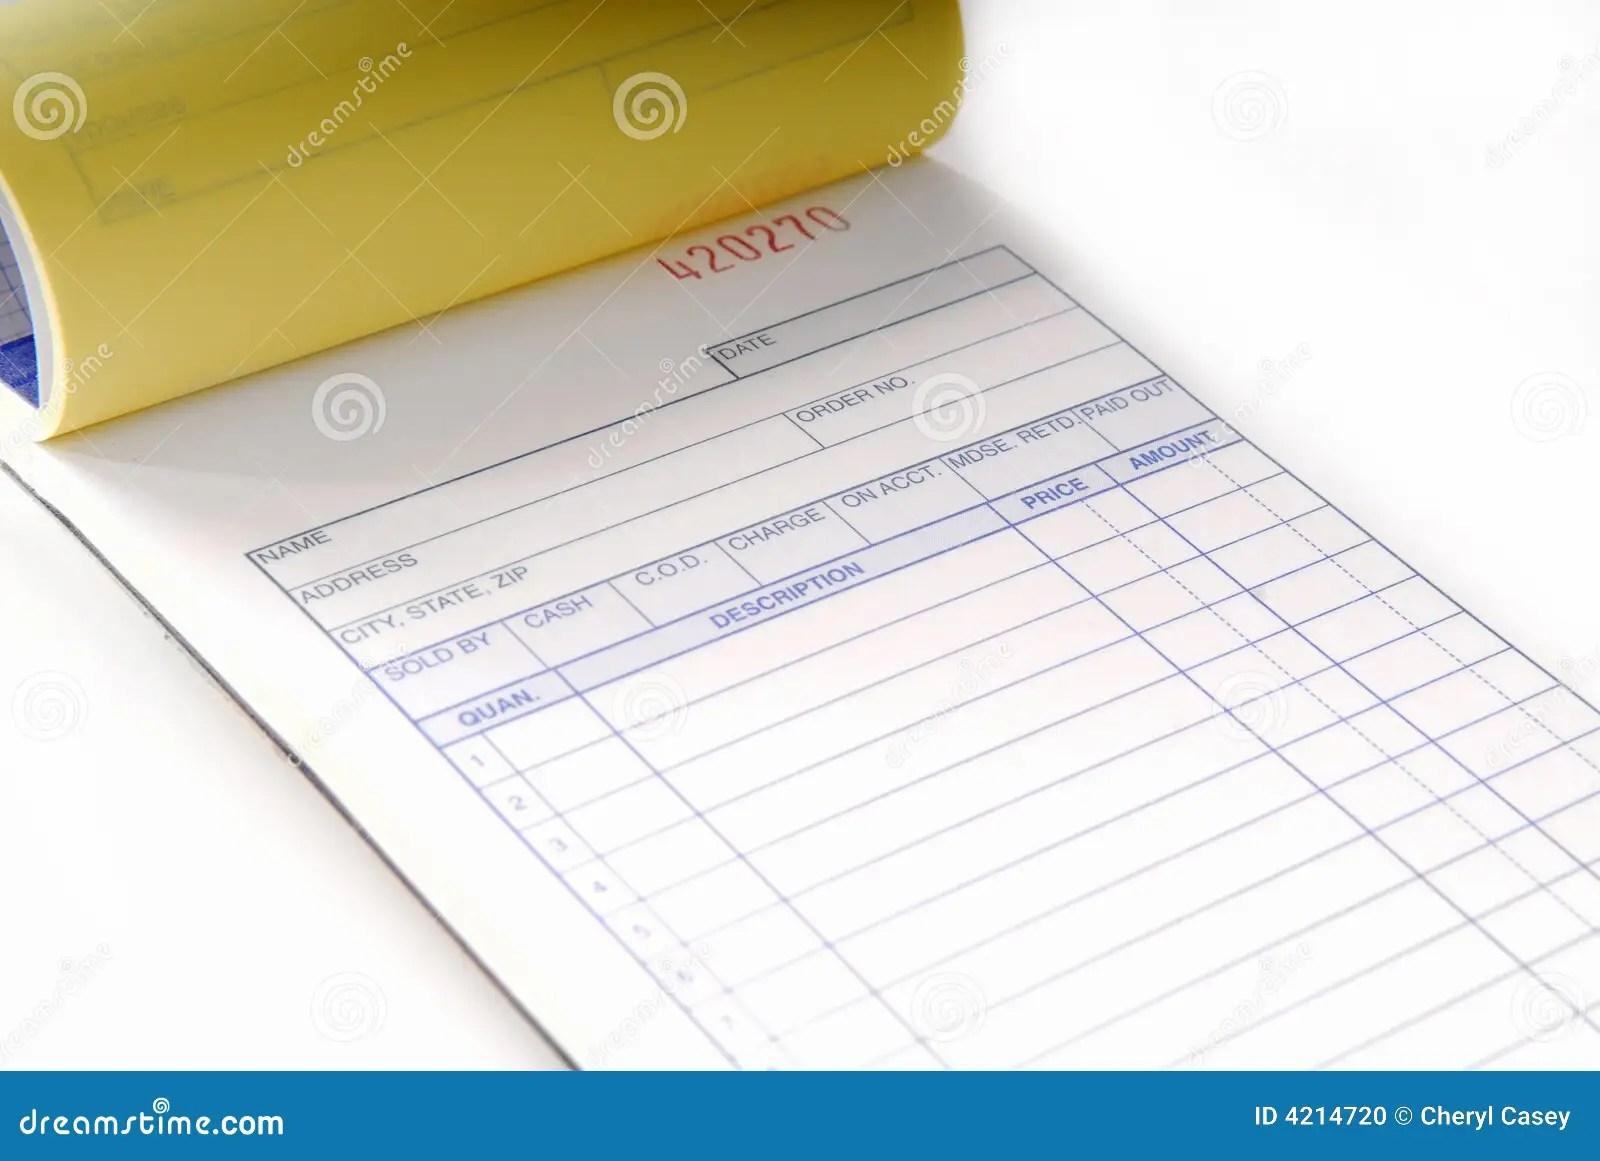 invoice sale - rockcup.tk, Invoice templates